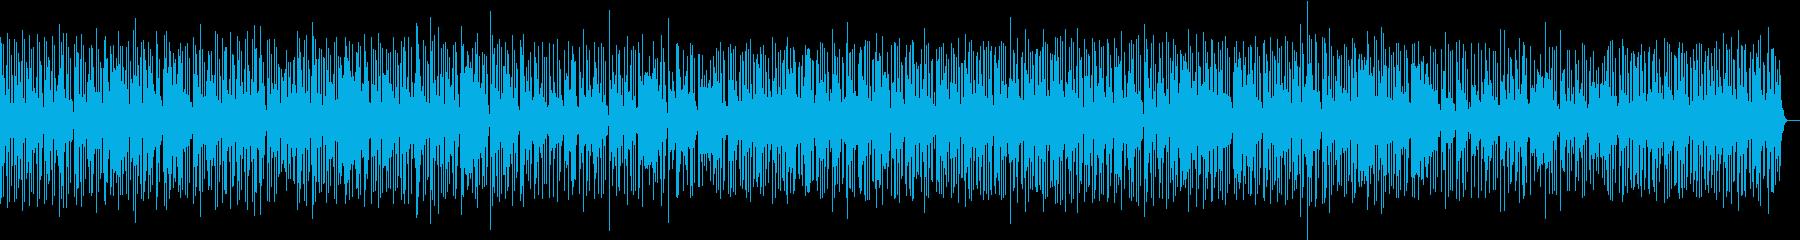 お洒落で大人なブルースギターBGMの再生済みの波形